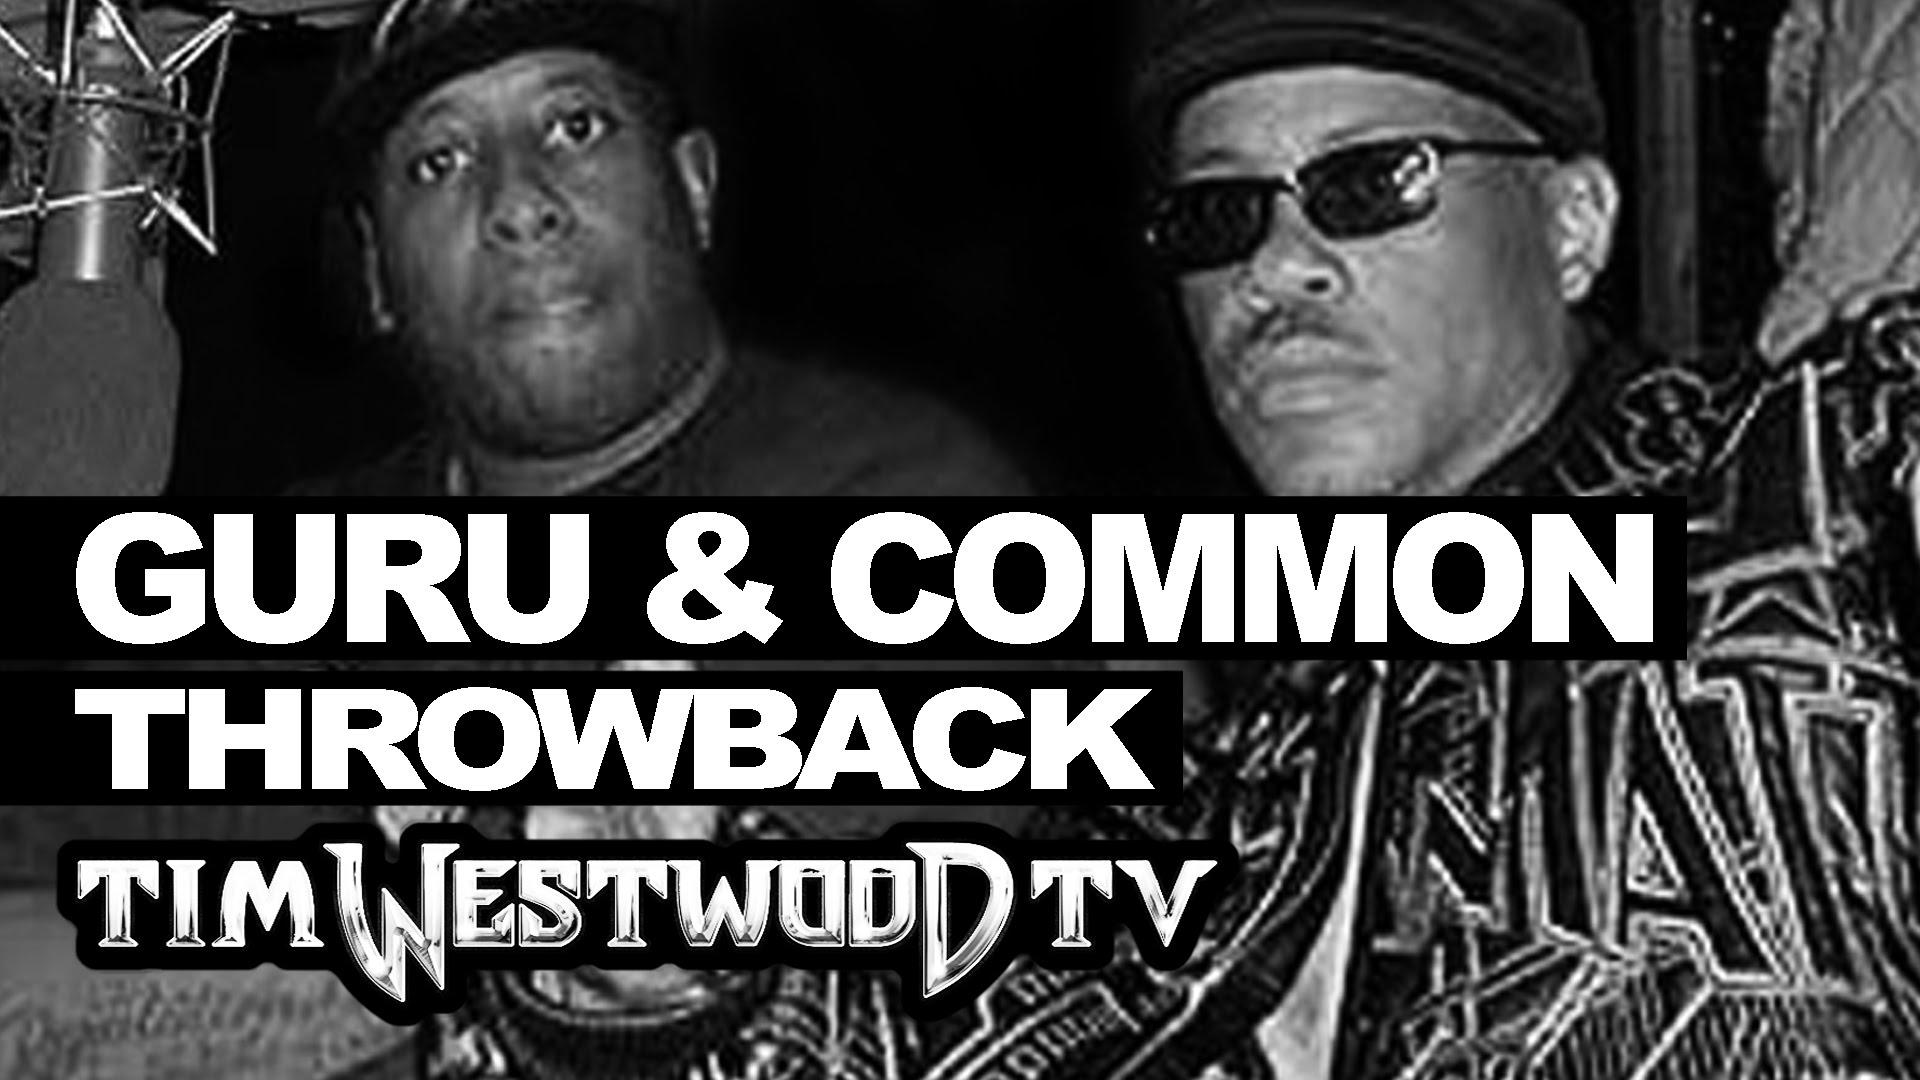 BARS: Guru & Common freestyle back to back on Next Episode – Throwback 2000 Westwood